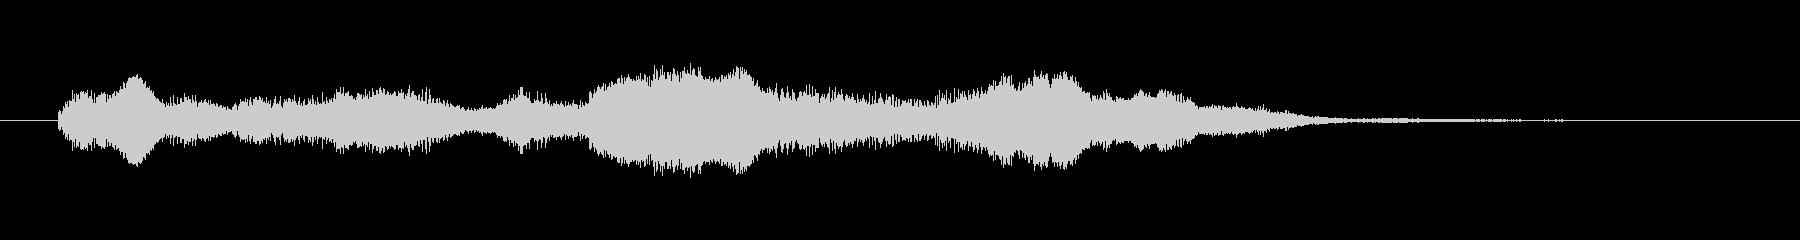 80'sシンセ調明るい着信音の未再生の波形